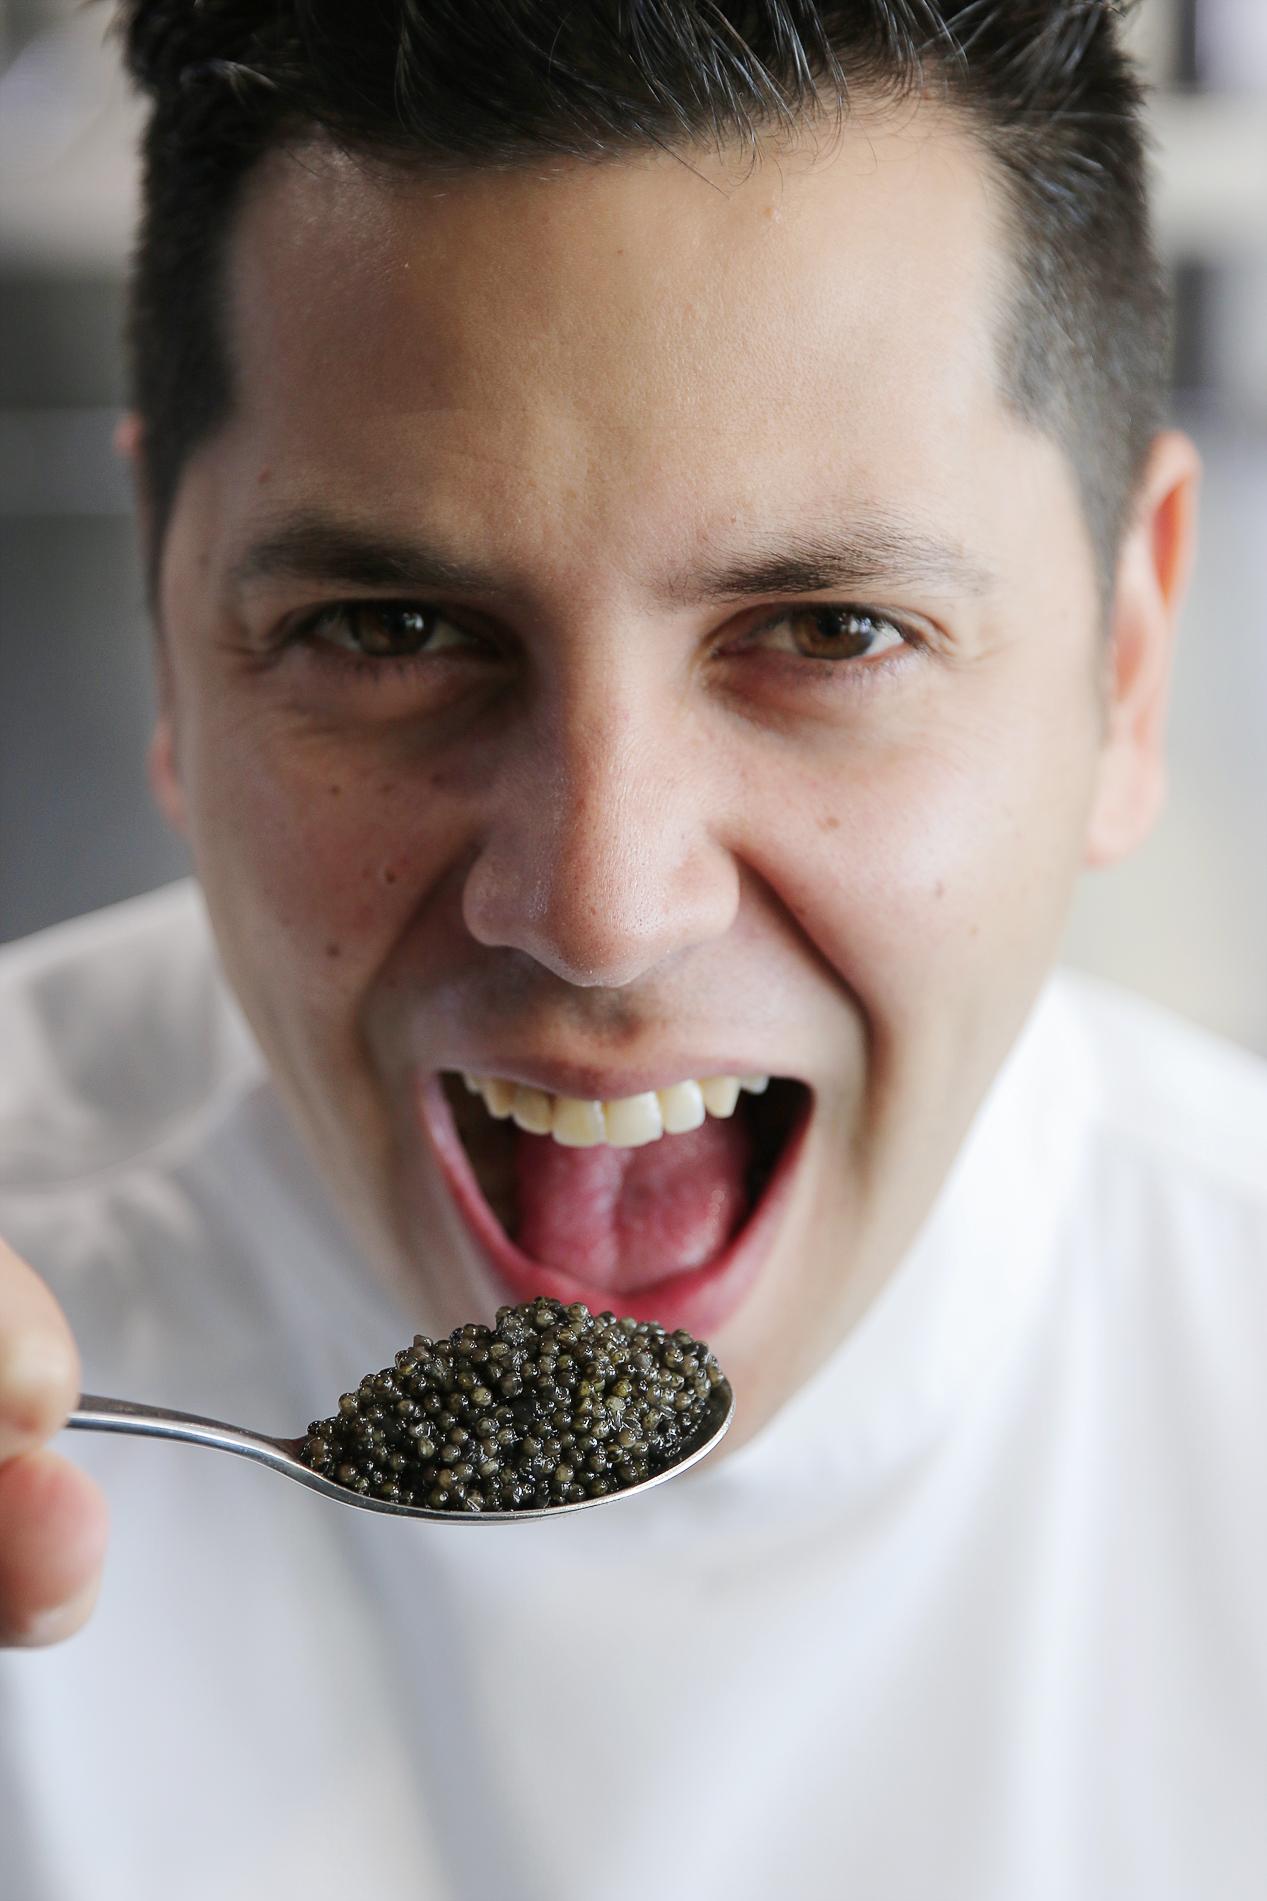 Sr-Erreka-Photo_Chef-Diego-Gallegos-SOLLO-Restaurante-chef-del-caviar señor erreka editorial corporate photographer fotografia corporativa retratos spain publicidad.jpg